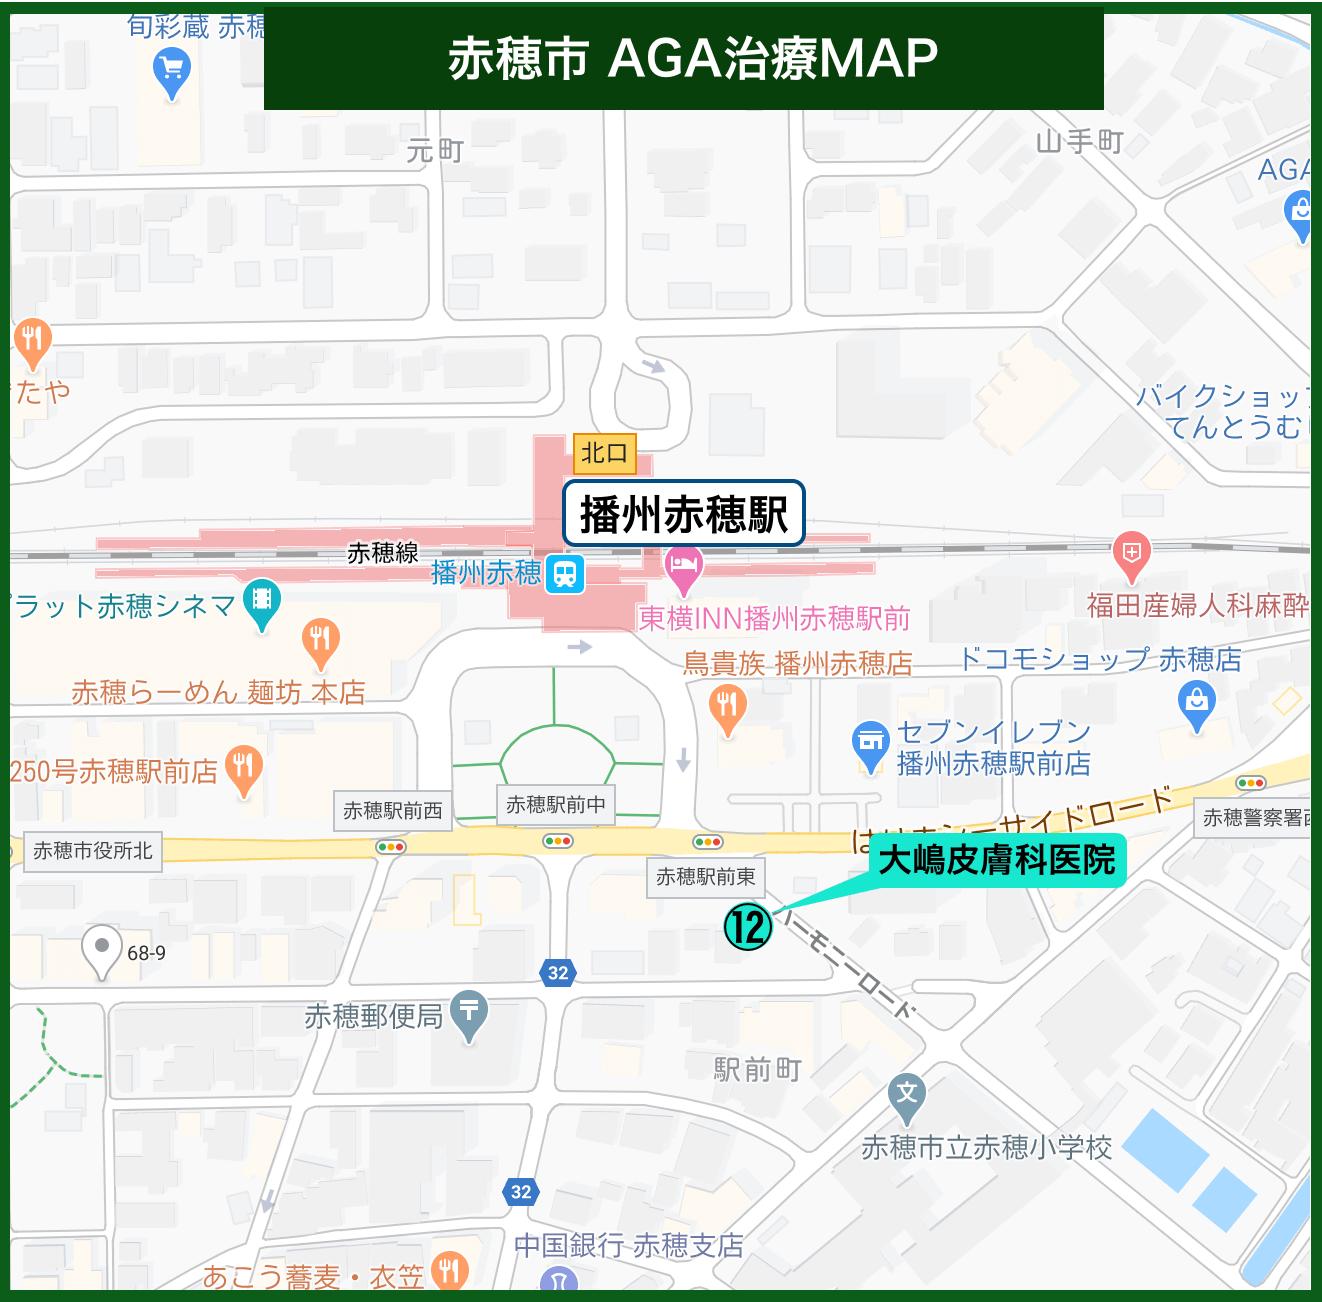 赤穂市 AGA治療MAP